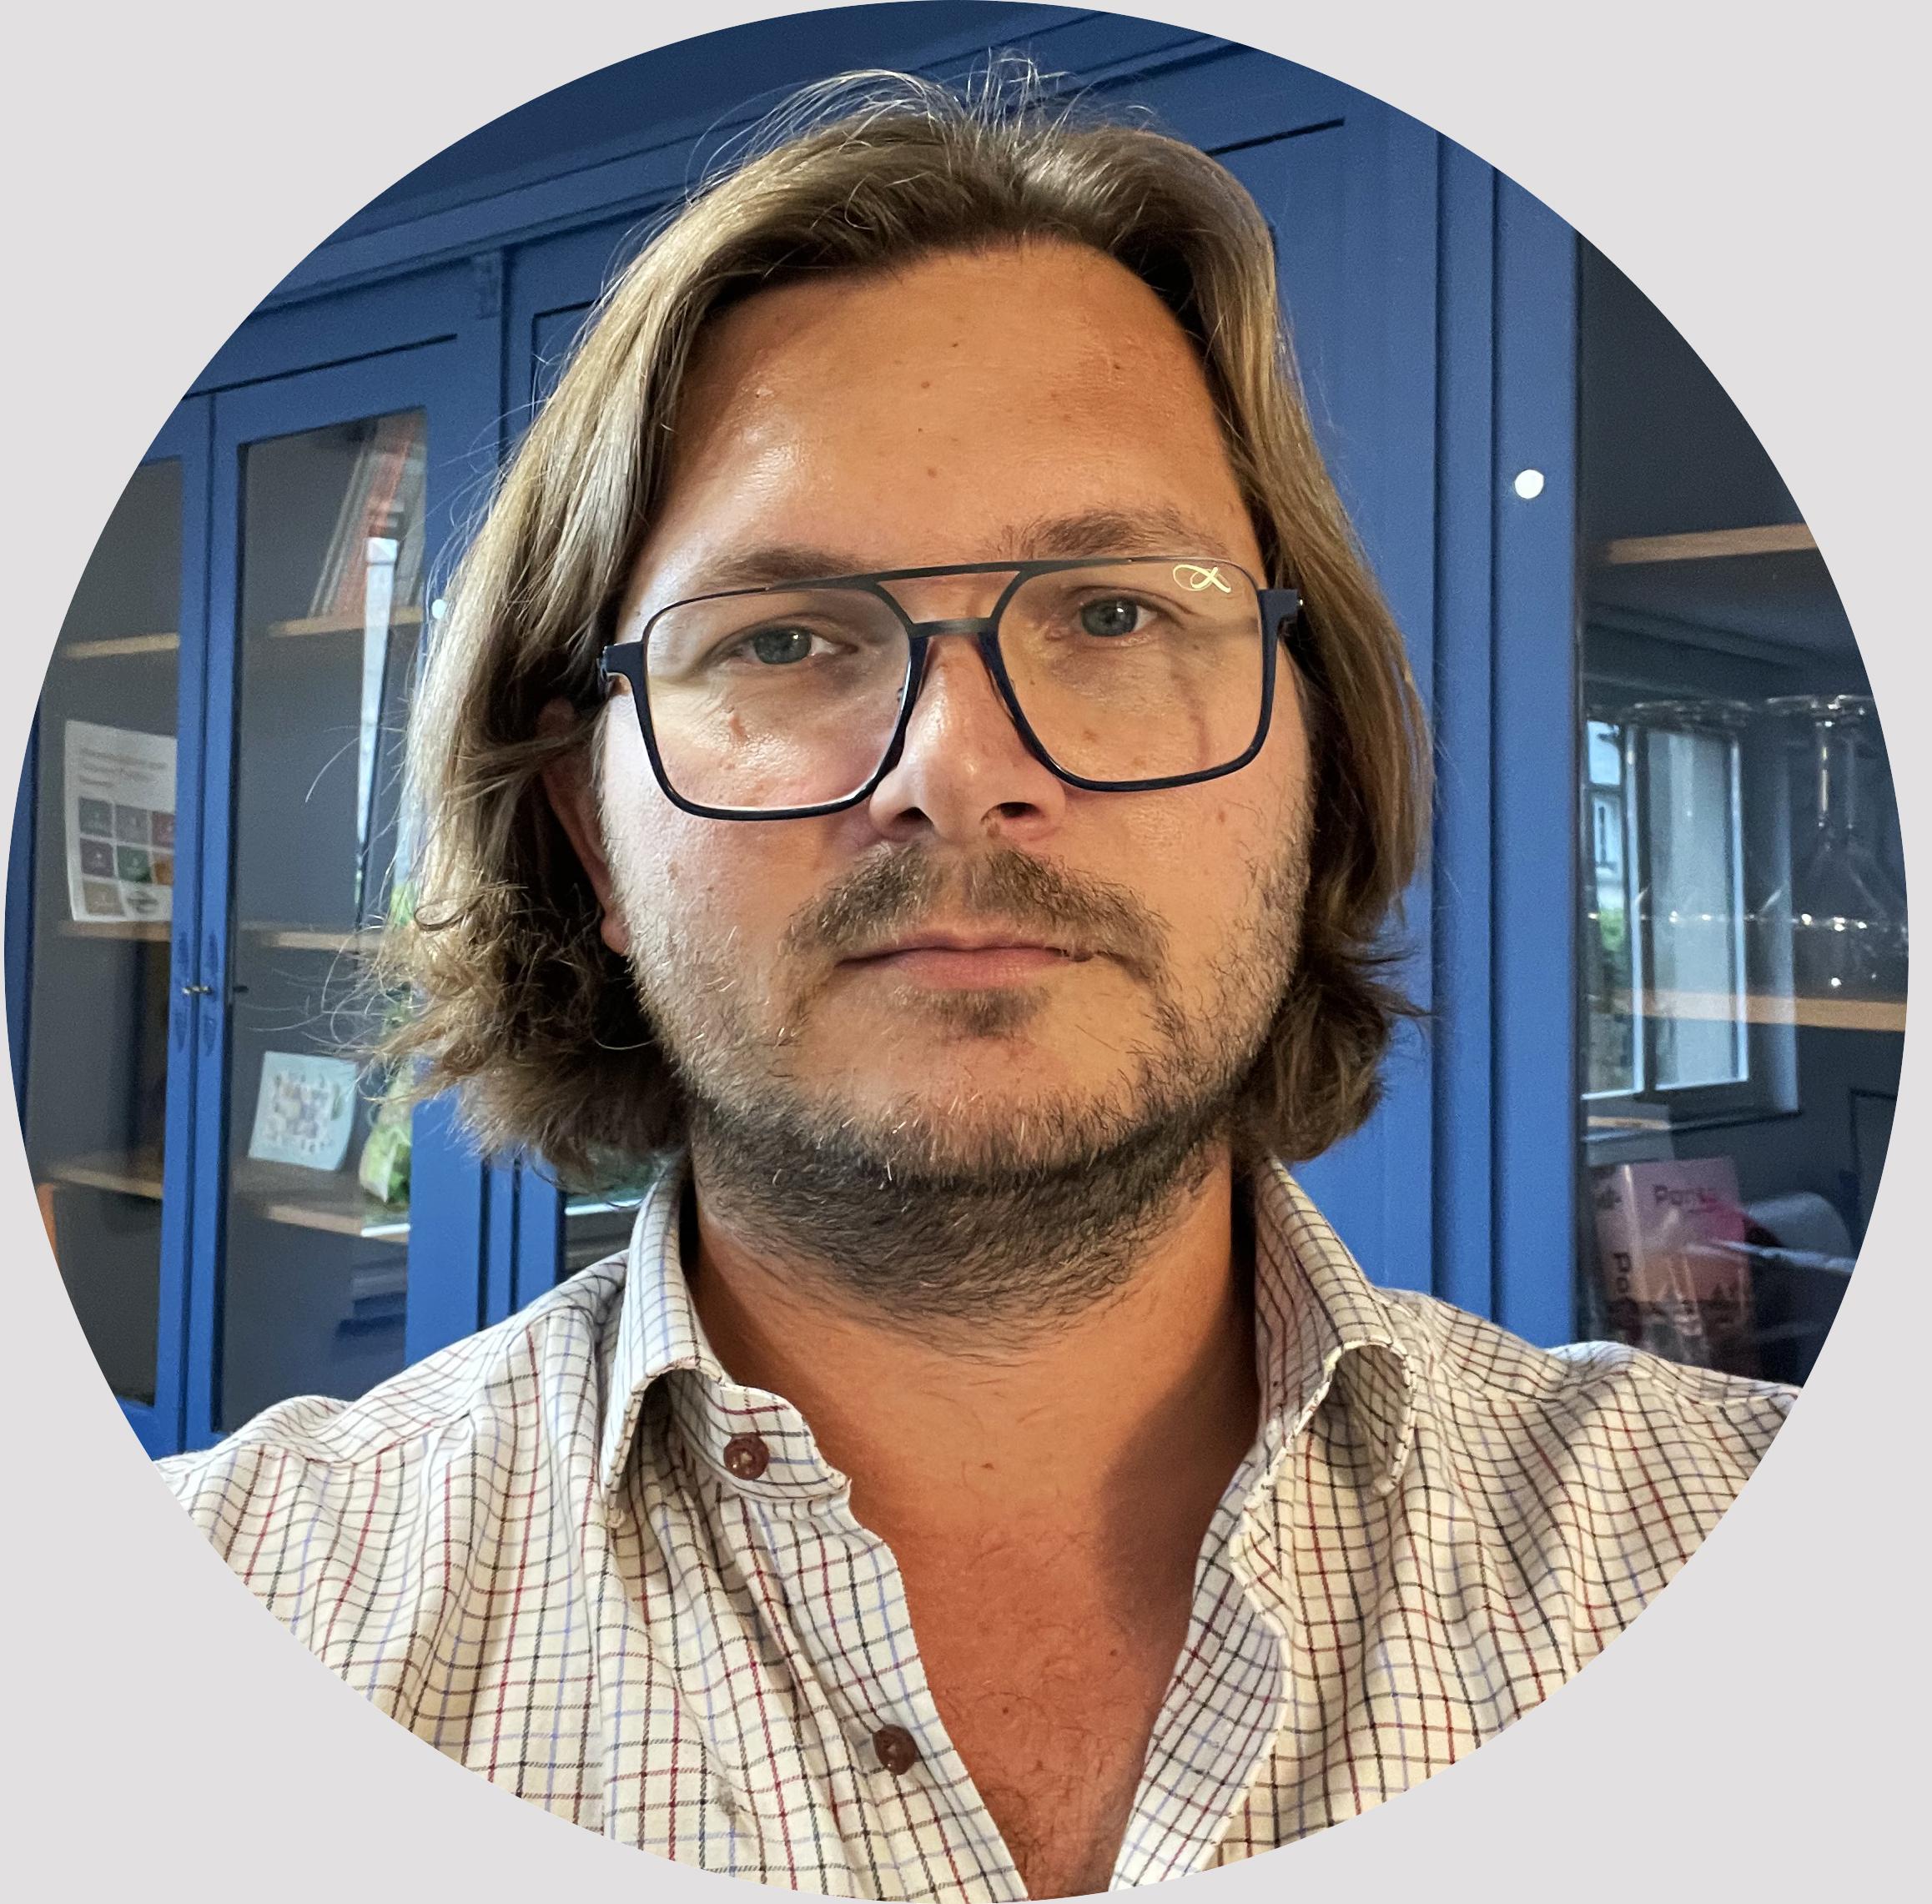 Romain Descheemaekere